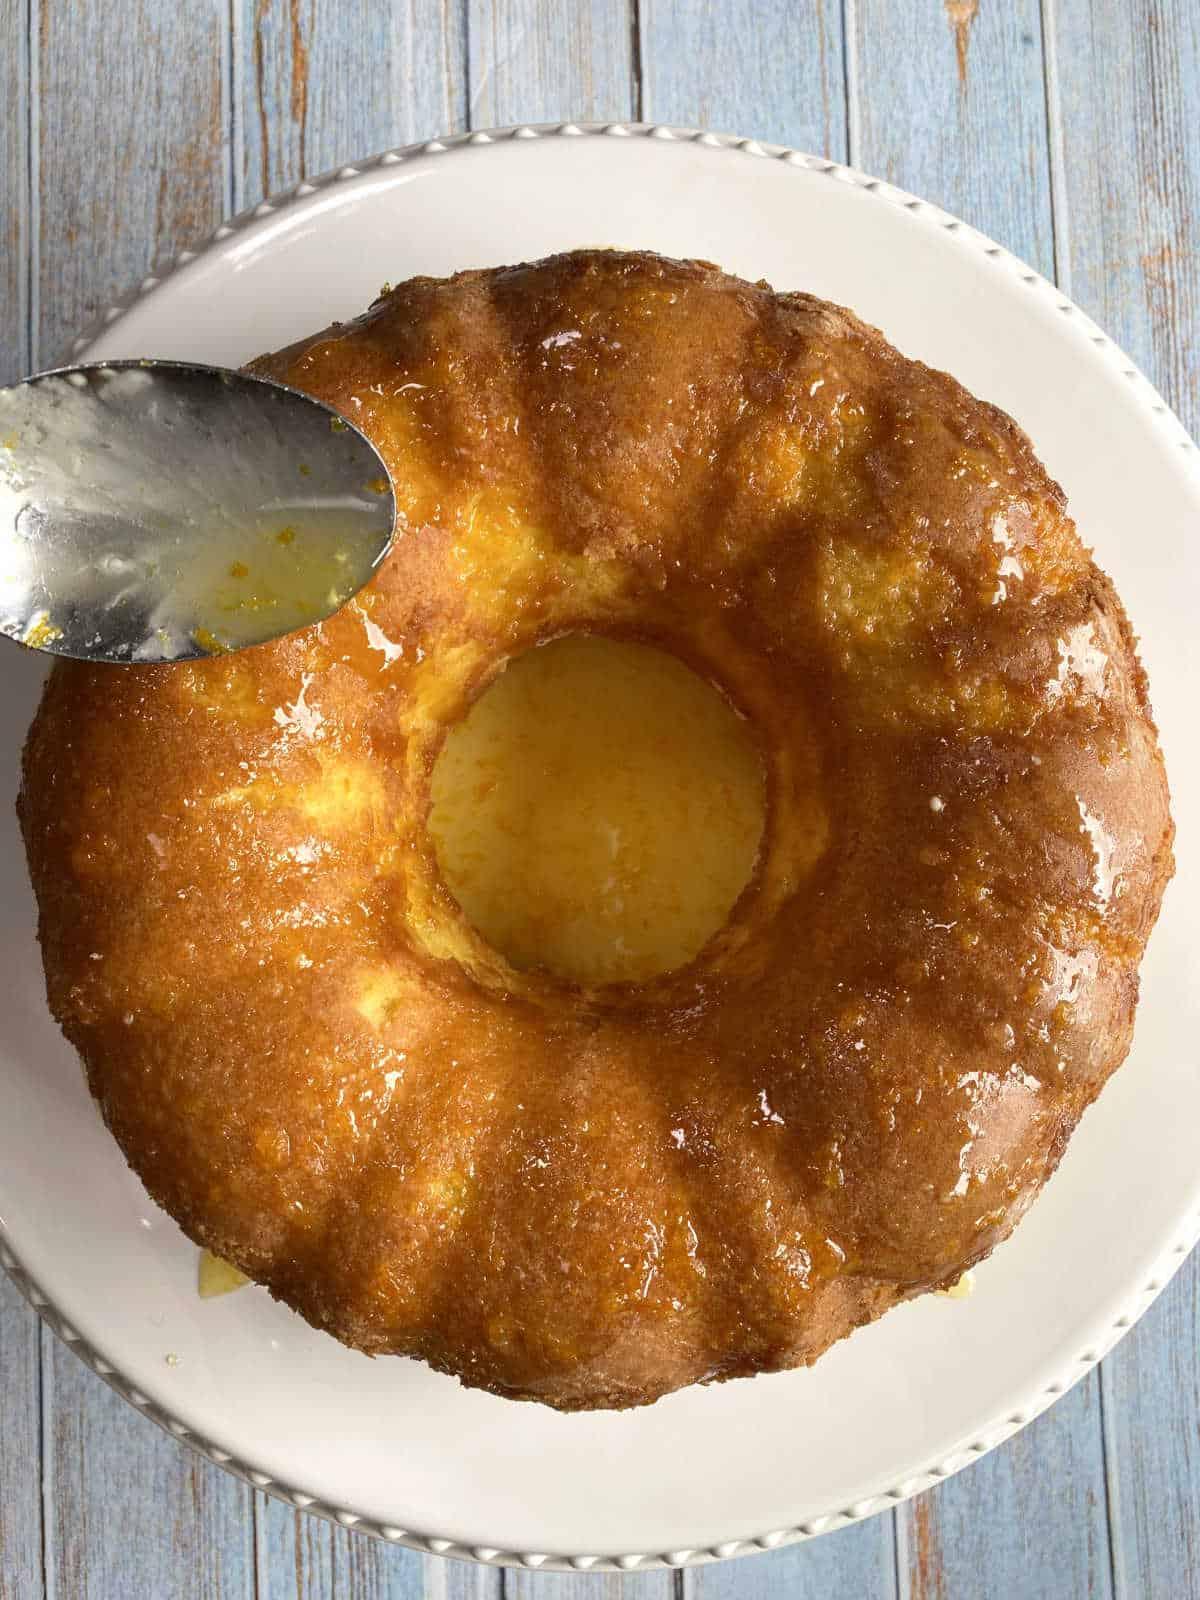 Jogando a calda de laranja por cima do bolo assado